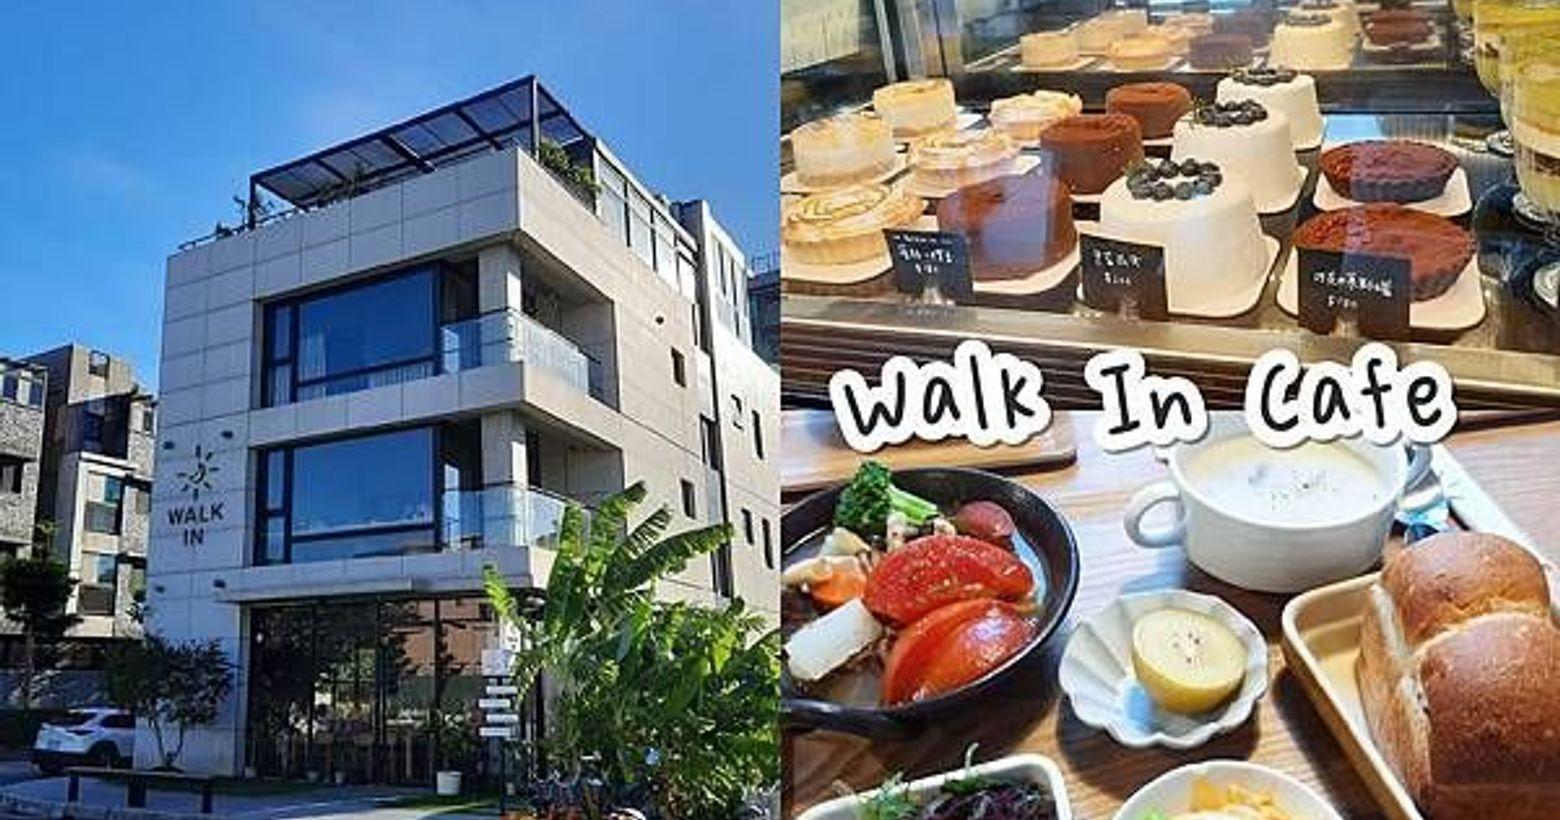 【新北】林口咖啡館|Walk in Cafe咖啡廳||美味藍帶甜點|輕食套餐皆有當天去只開放1、2樓